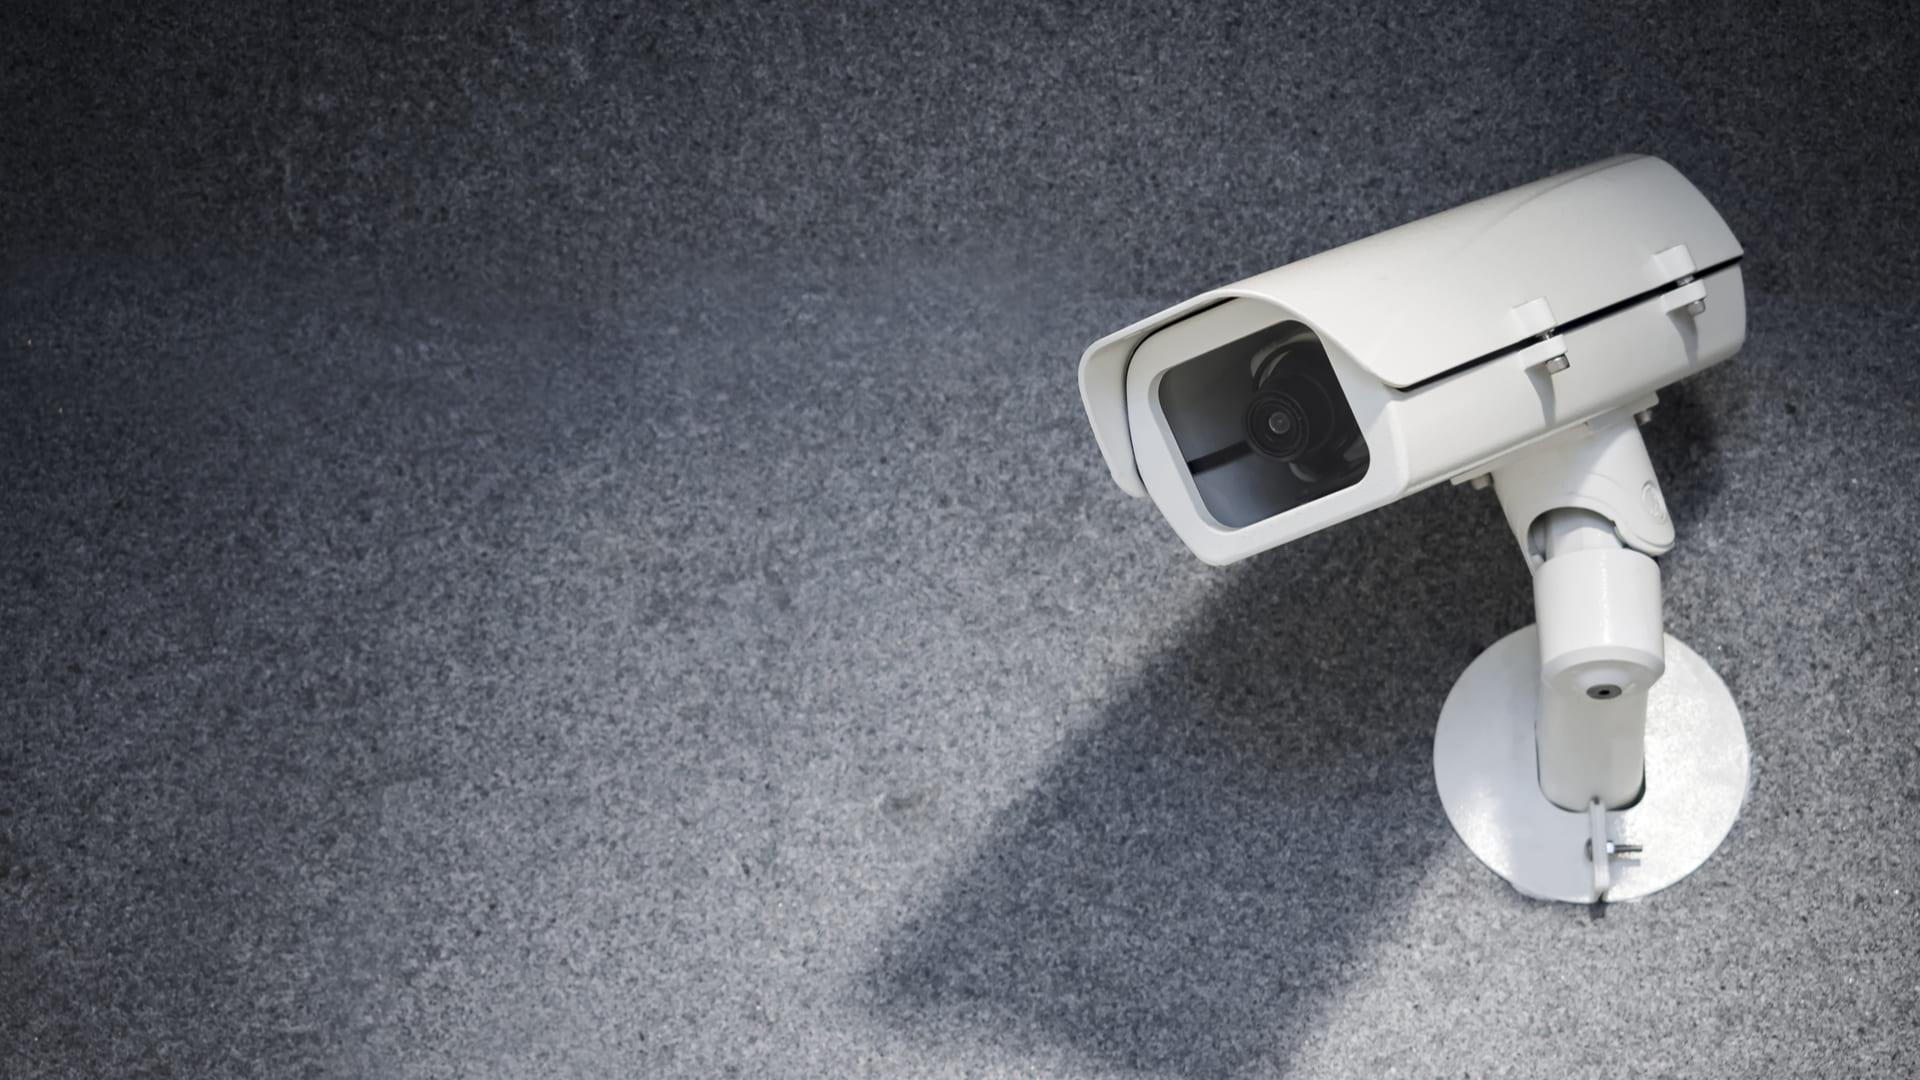 Conheça os melhores modelos de câmeras de segurança